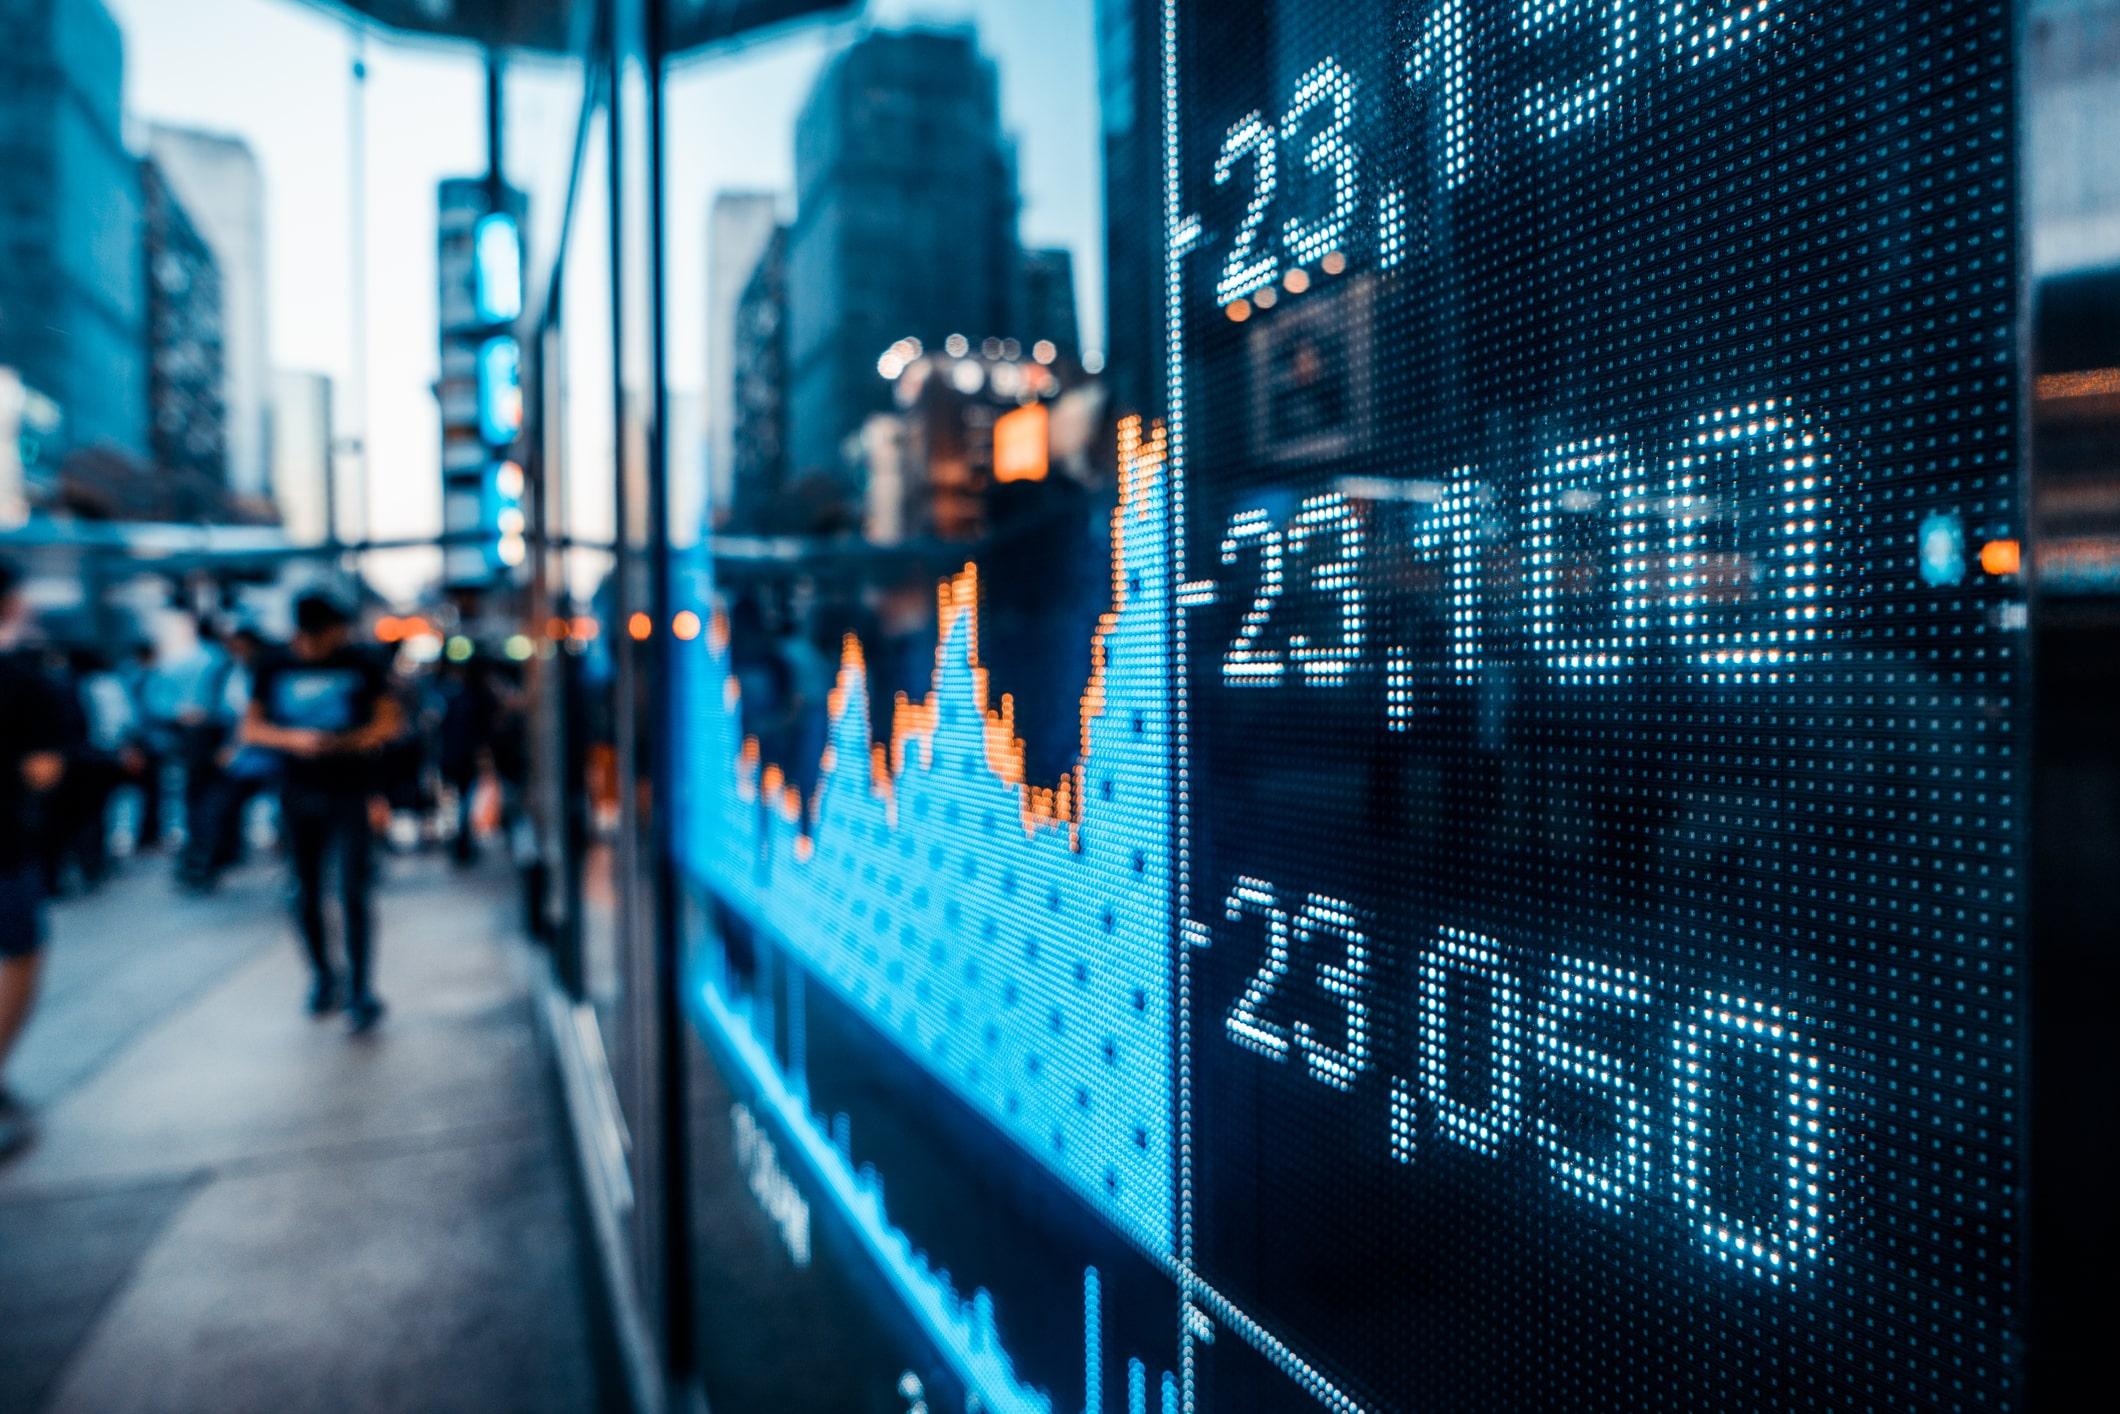 """Analiză Deutsche Bank: Omenirea va intra într-o """"Eră a Dezordinii"""", accelerată de pandemie"""